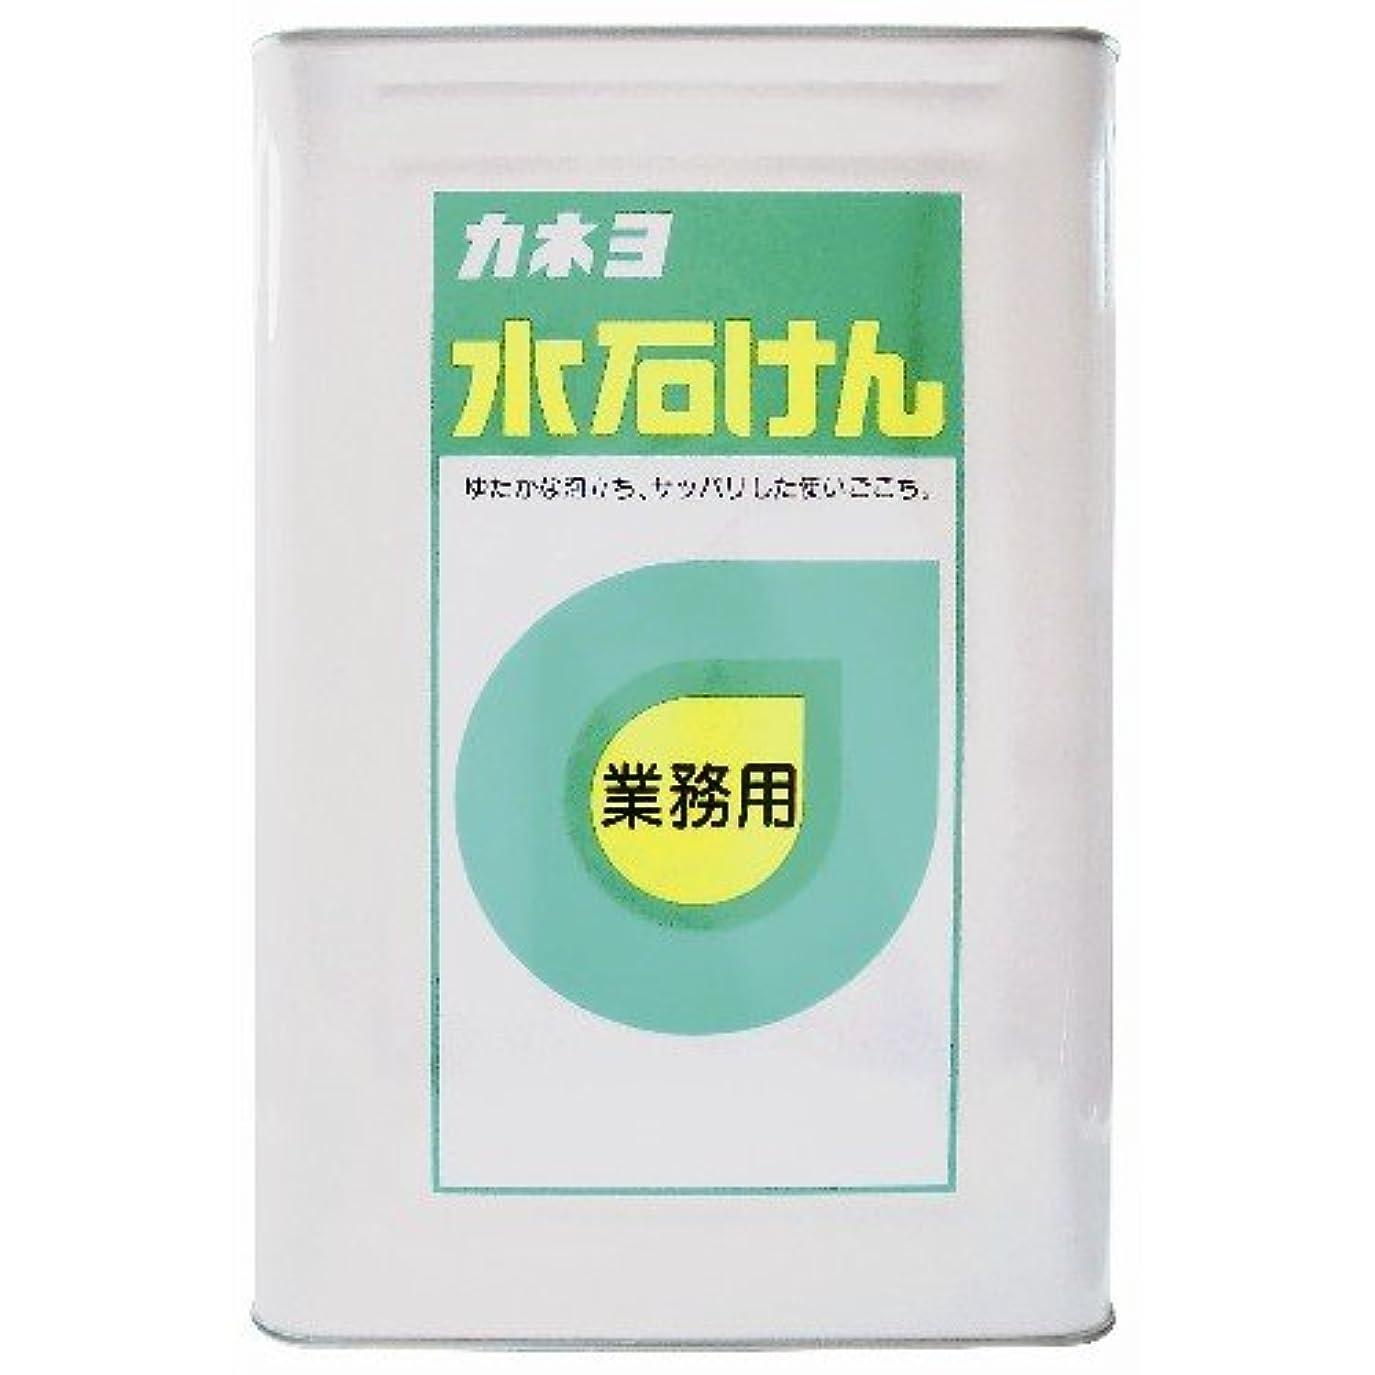 毛皮見る賞賛する【大容量】 カネヨ石鹸 ハンドソープ 水石けん 液体 業務用 18L 一斗缶